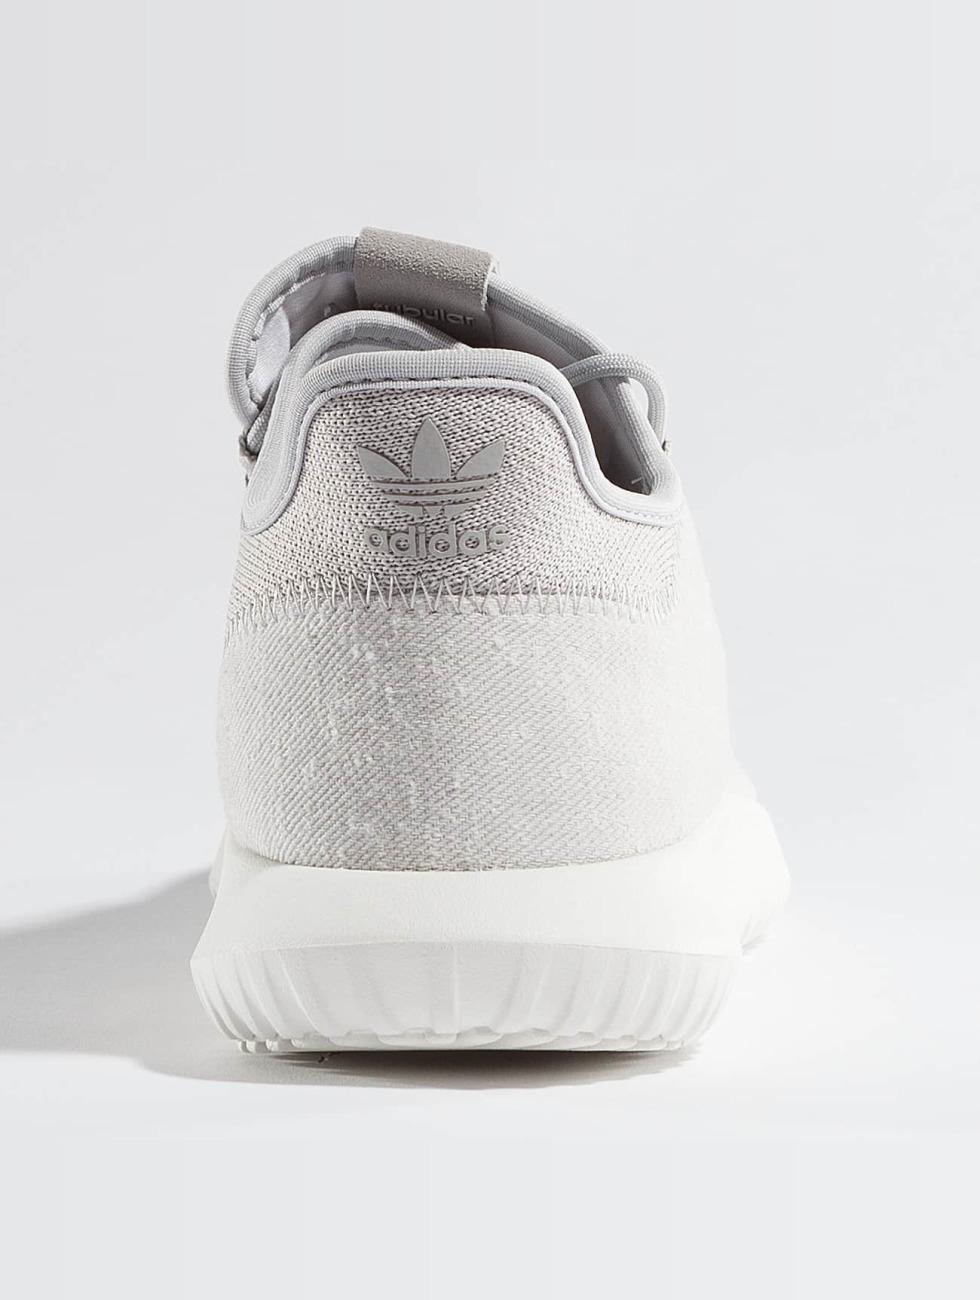 adidas originals schoen / sneaker Tubular Shadow in grijs 369574 Goedkoop Bezoek HQ7YA